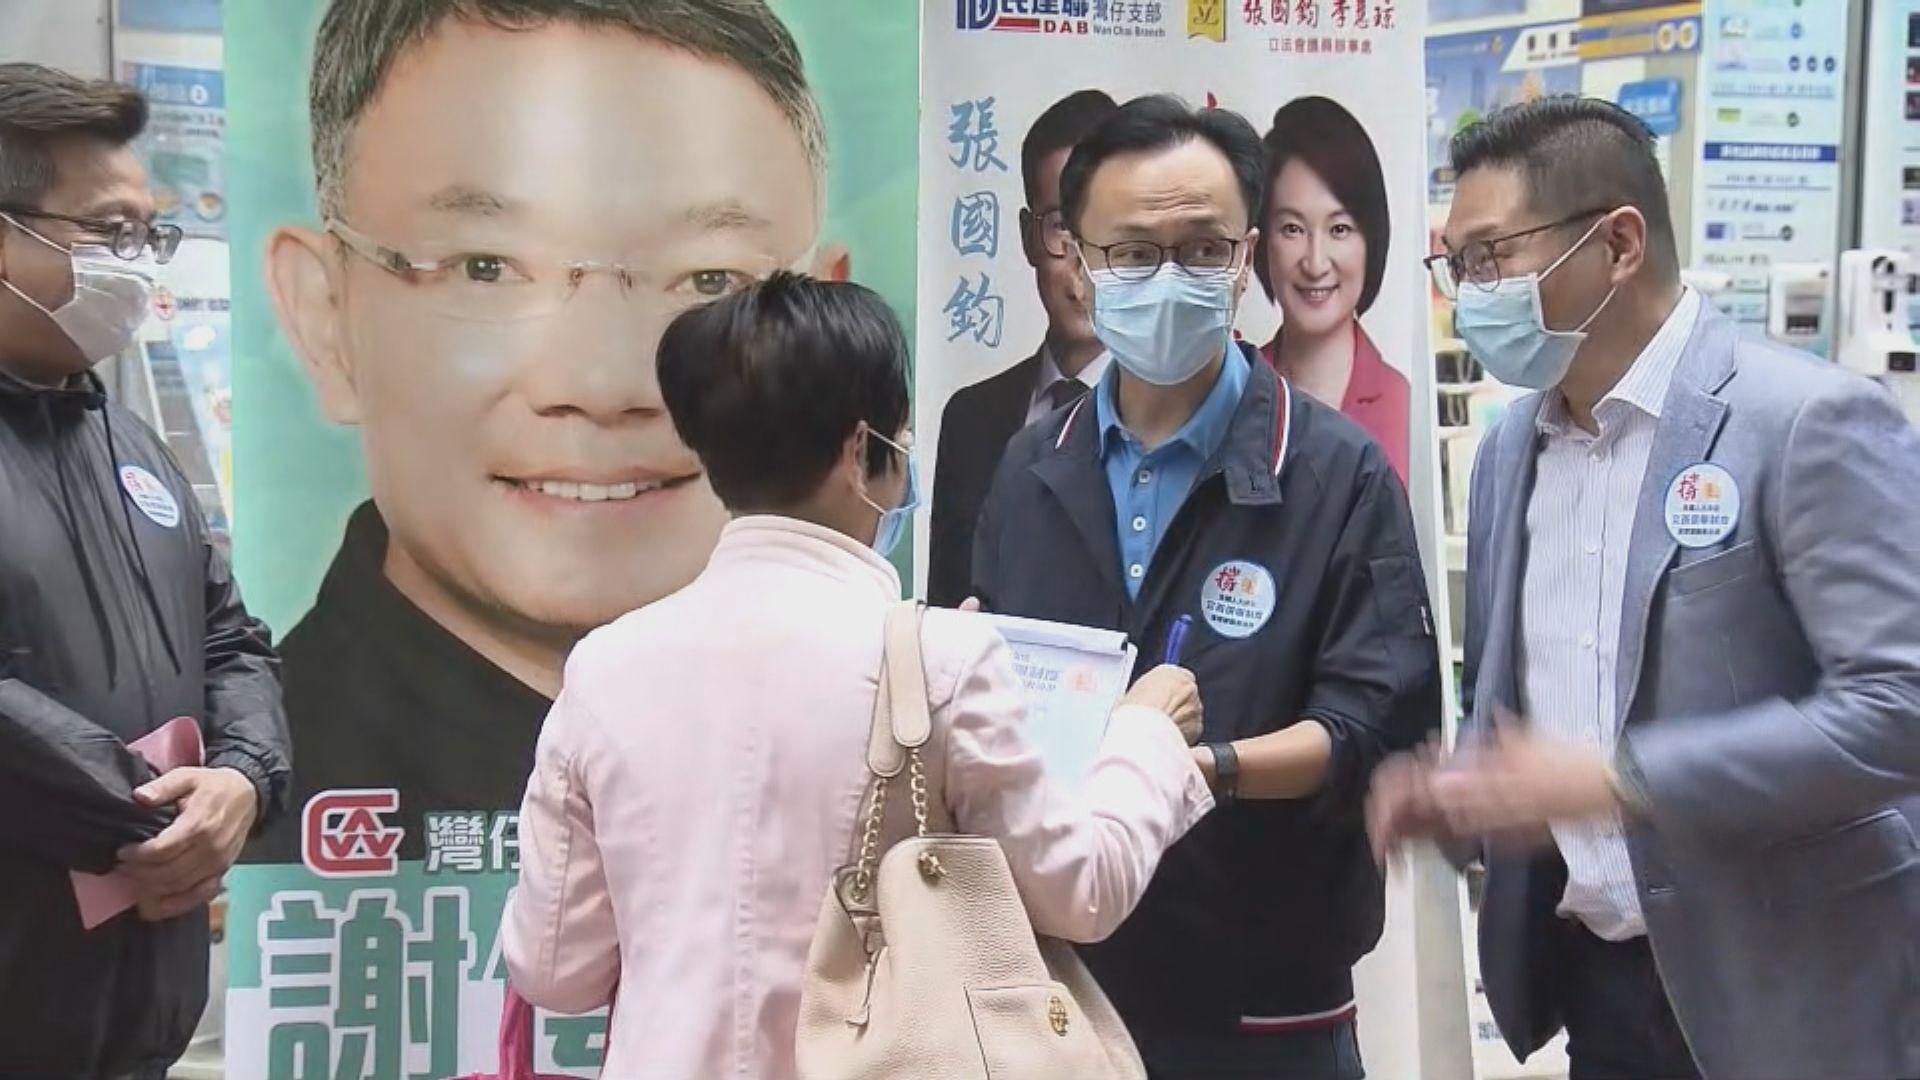 聶德權到街站支持人大決定 冀香港進入新軌道